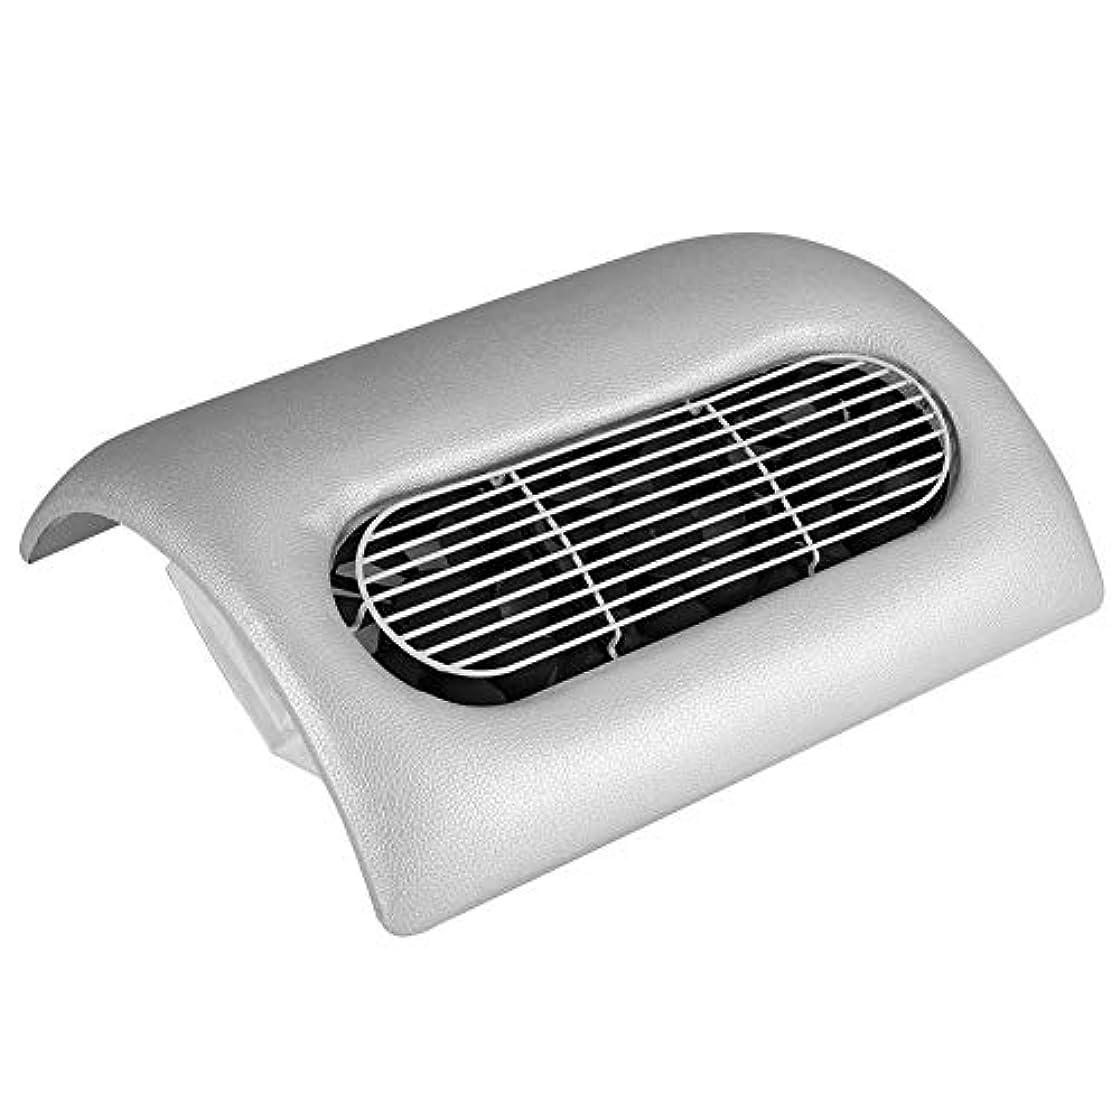 ふりをする偽善者ヒロインネイルダスト掃除機,ネイルダストクリーナー3色ー2-IN-1強力なネイルアート集塵機コレクターマニキュア掃除機 (Silver)